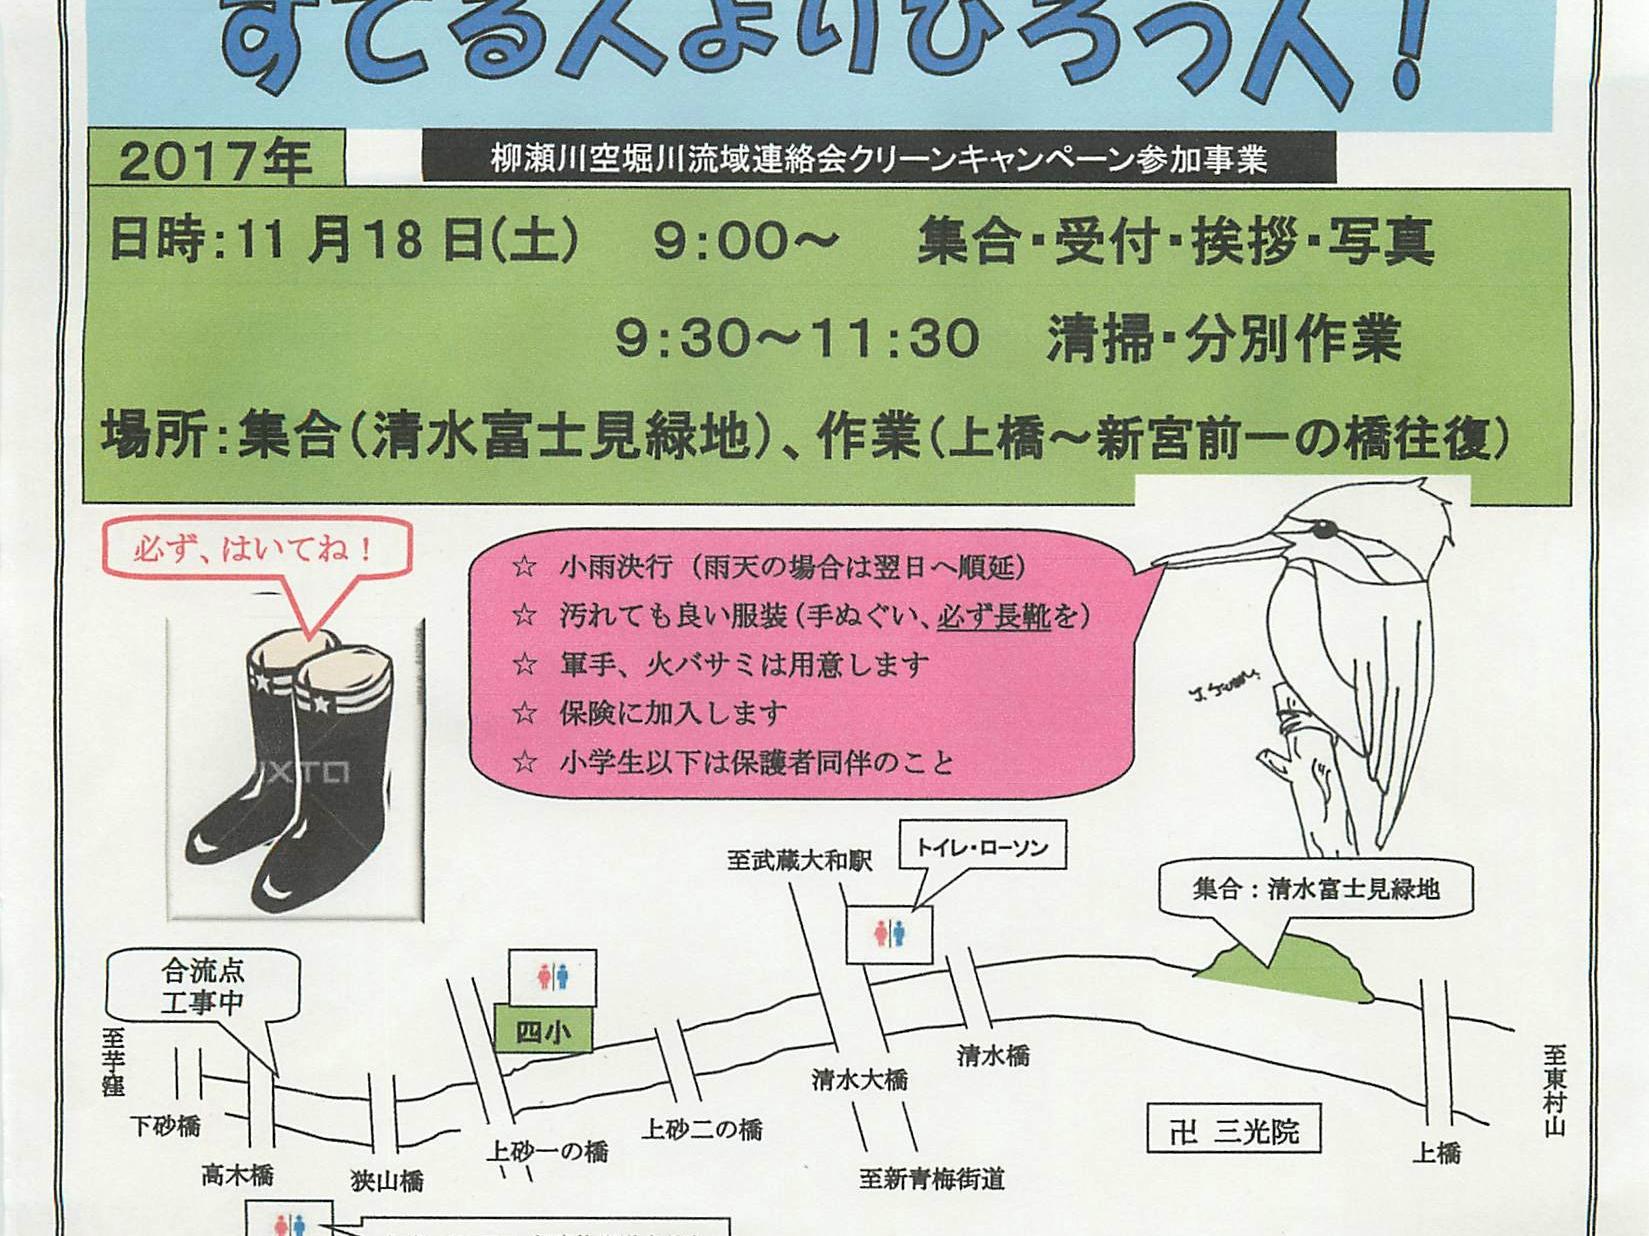 おしらせ! 空堀川 秋の清掃!